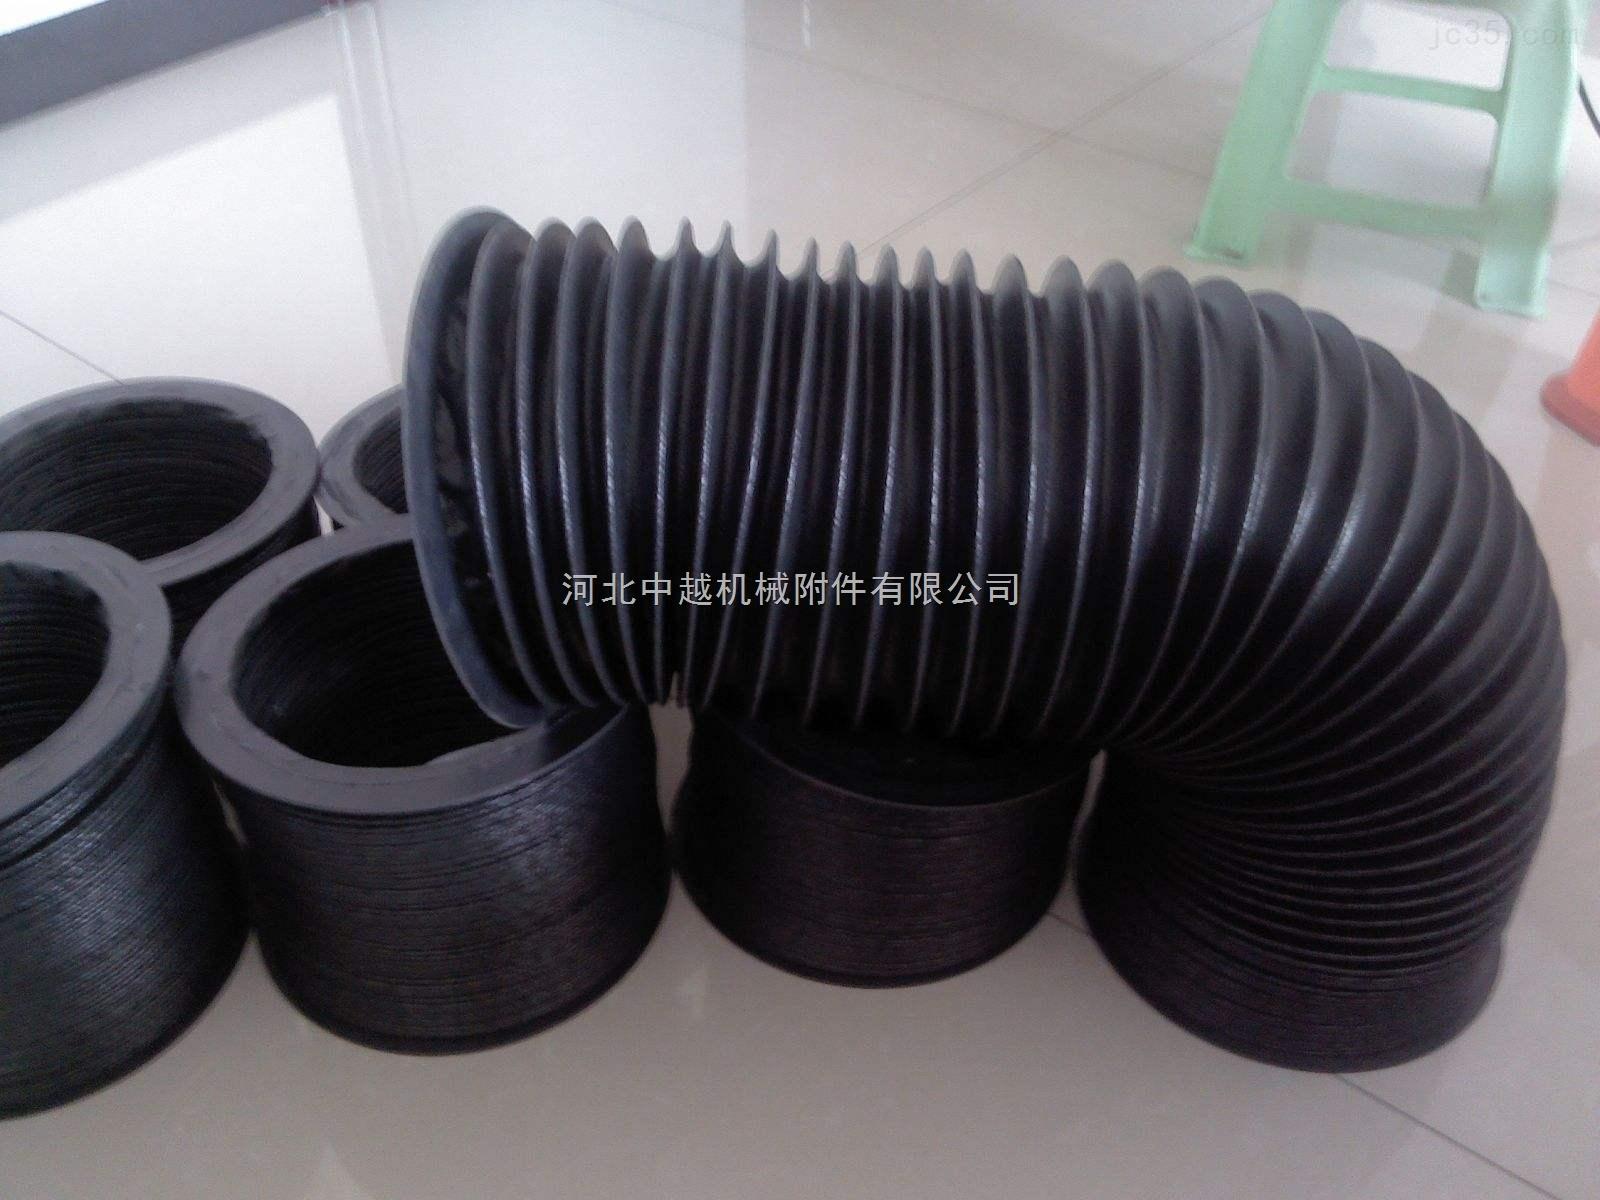 化工机械专用圆筒式丝杠防护罩